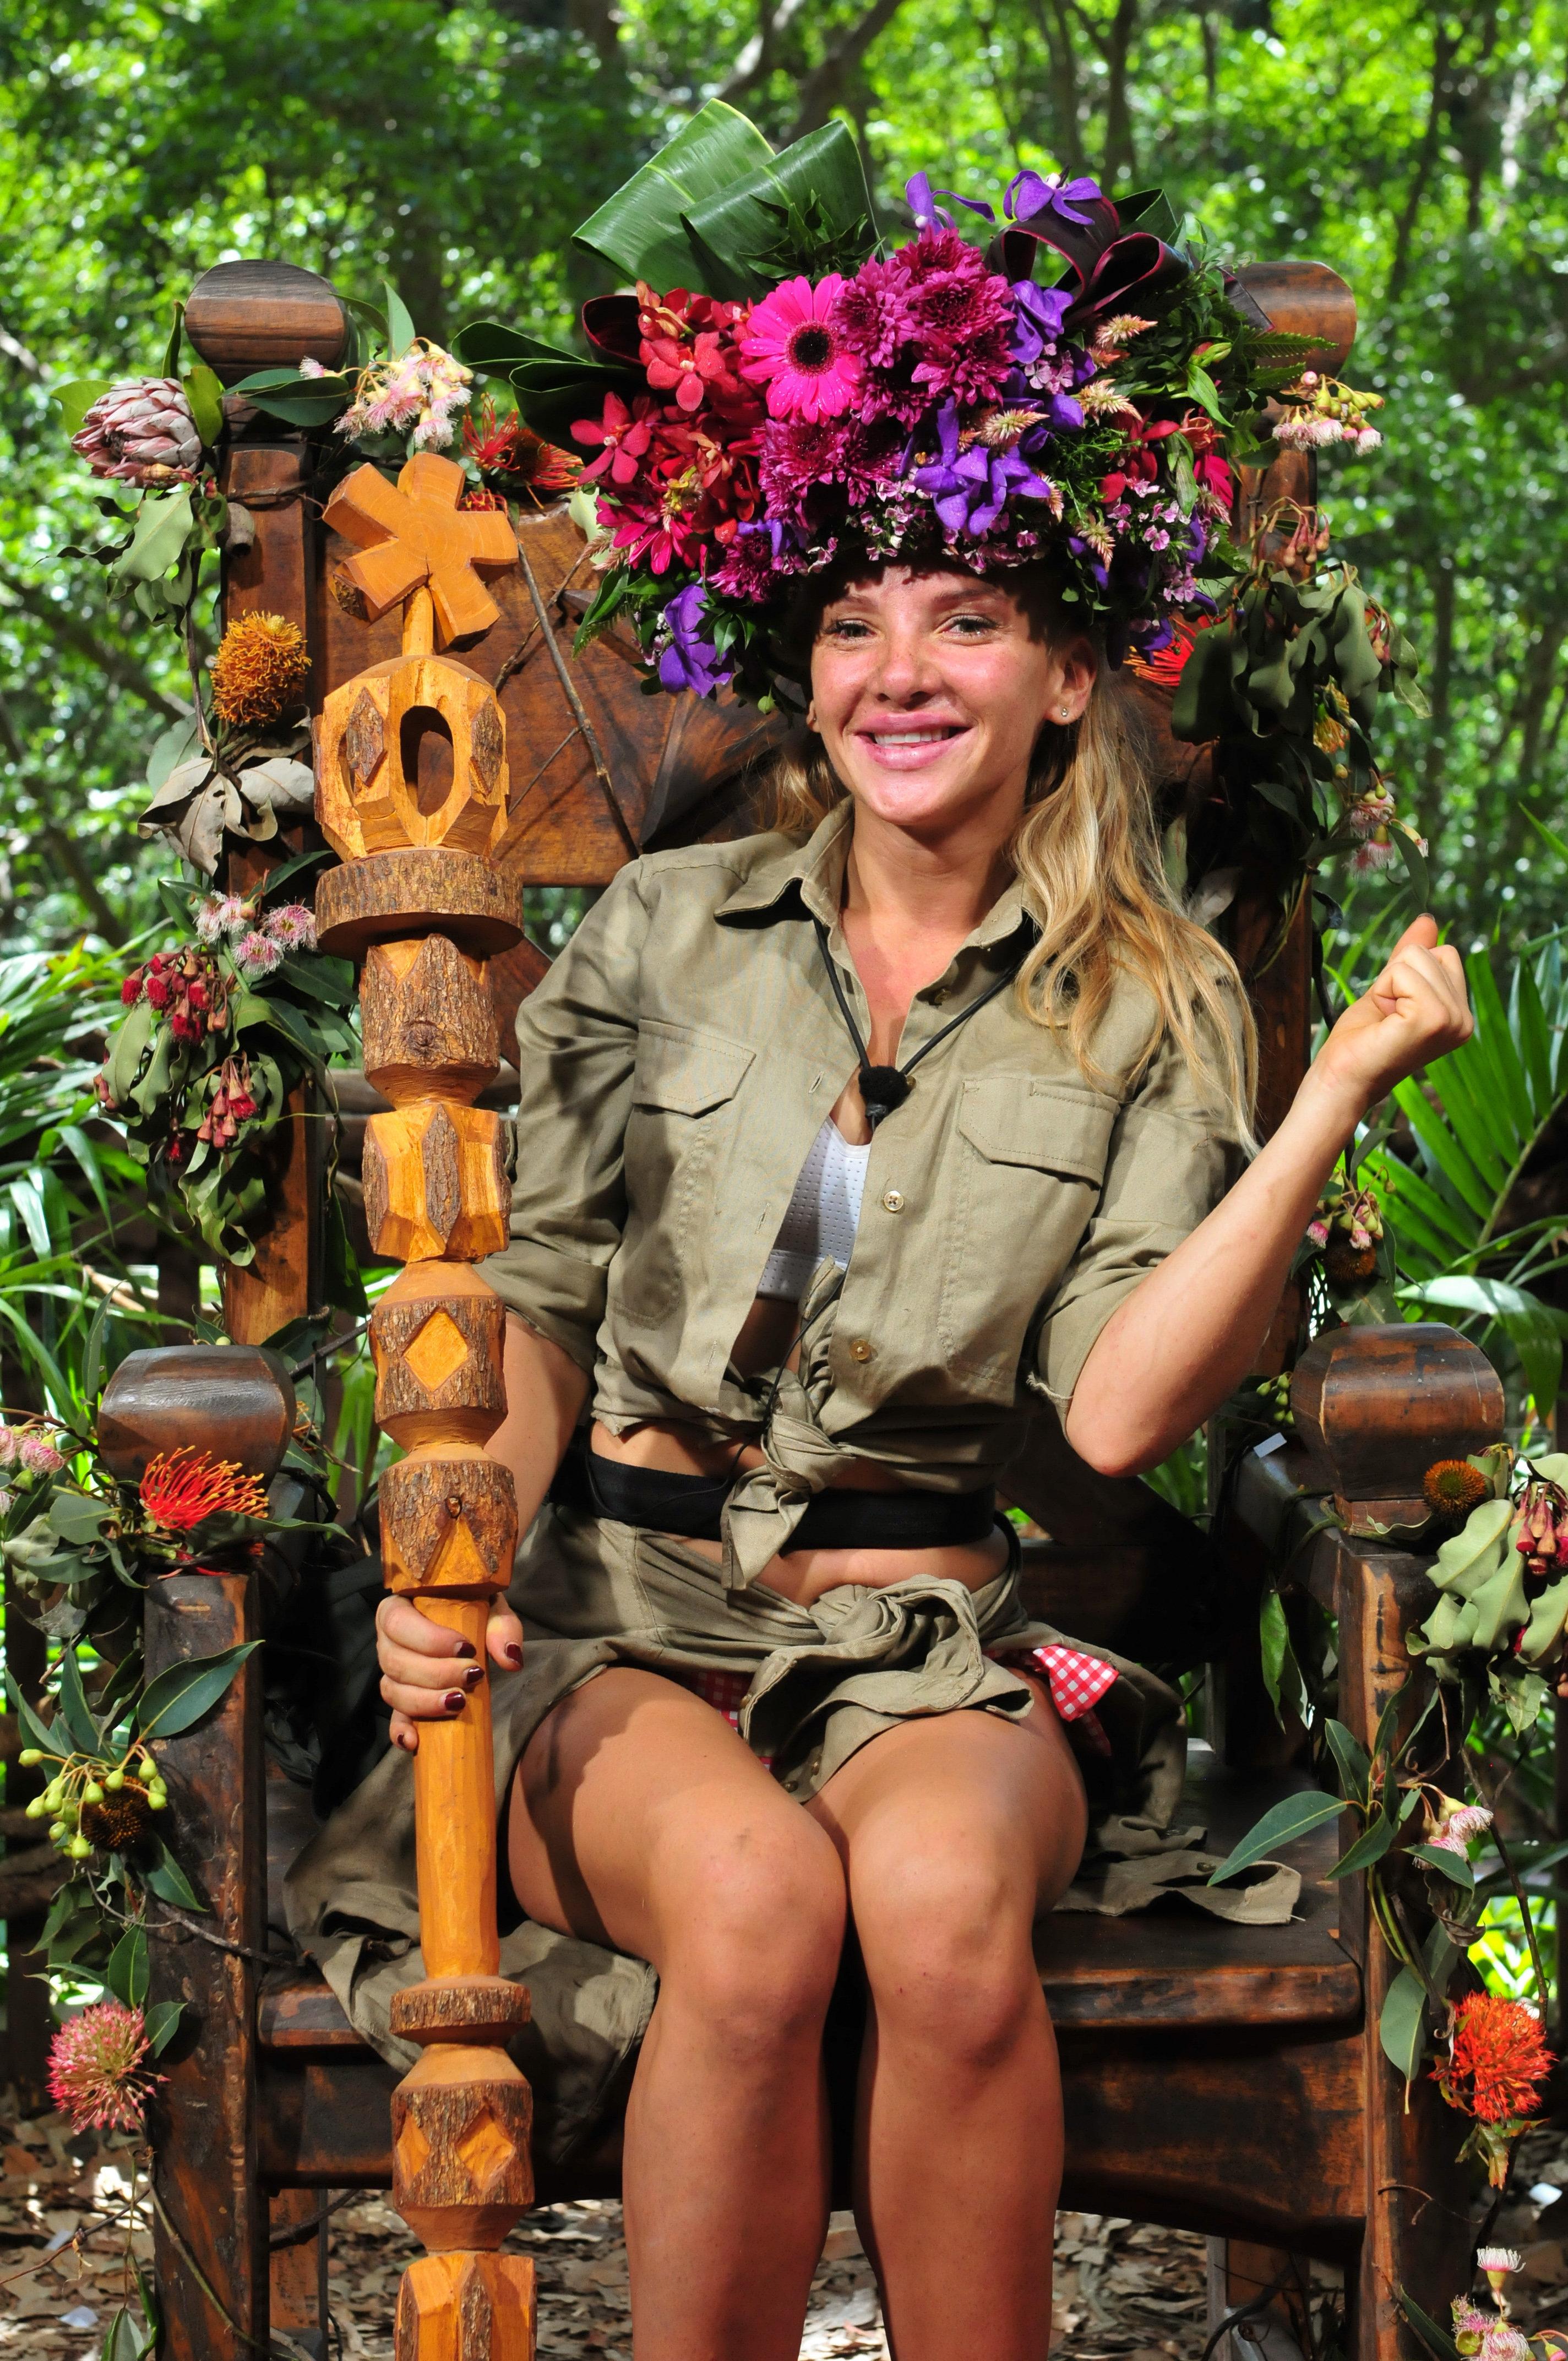 Dschungelcamp: Evelyn gewinnt Finale – und erklärt, was sie mit dem Geld